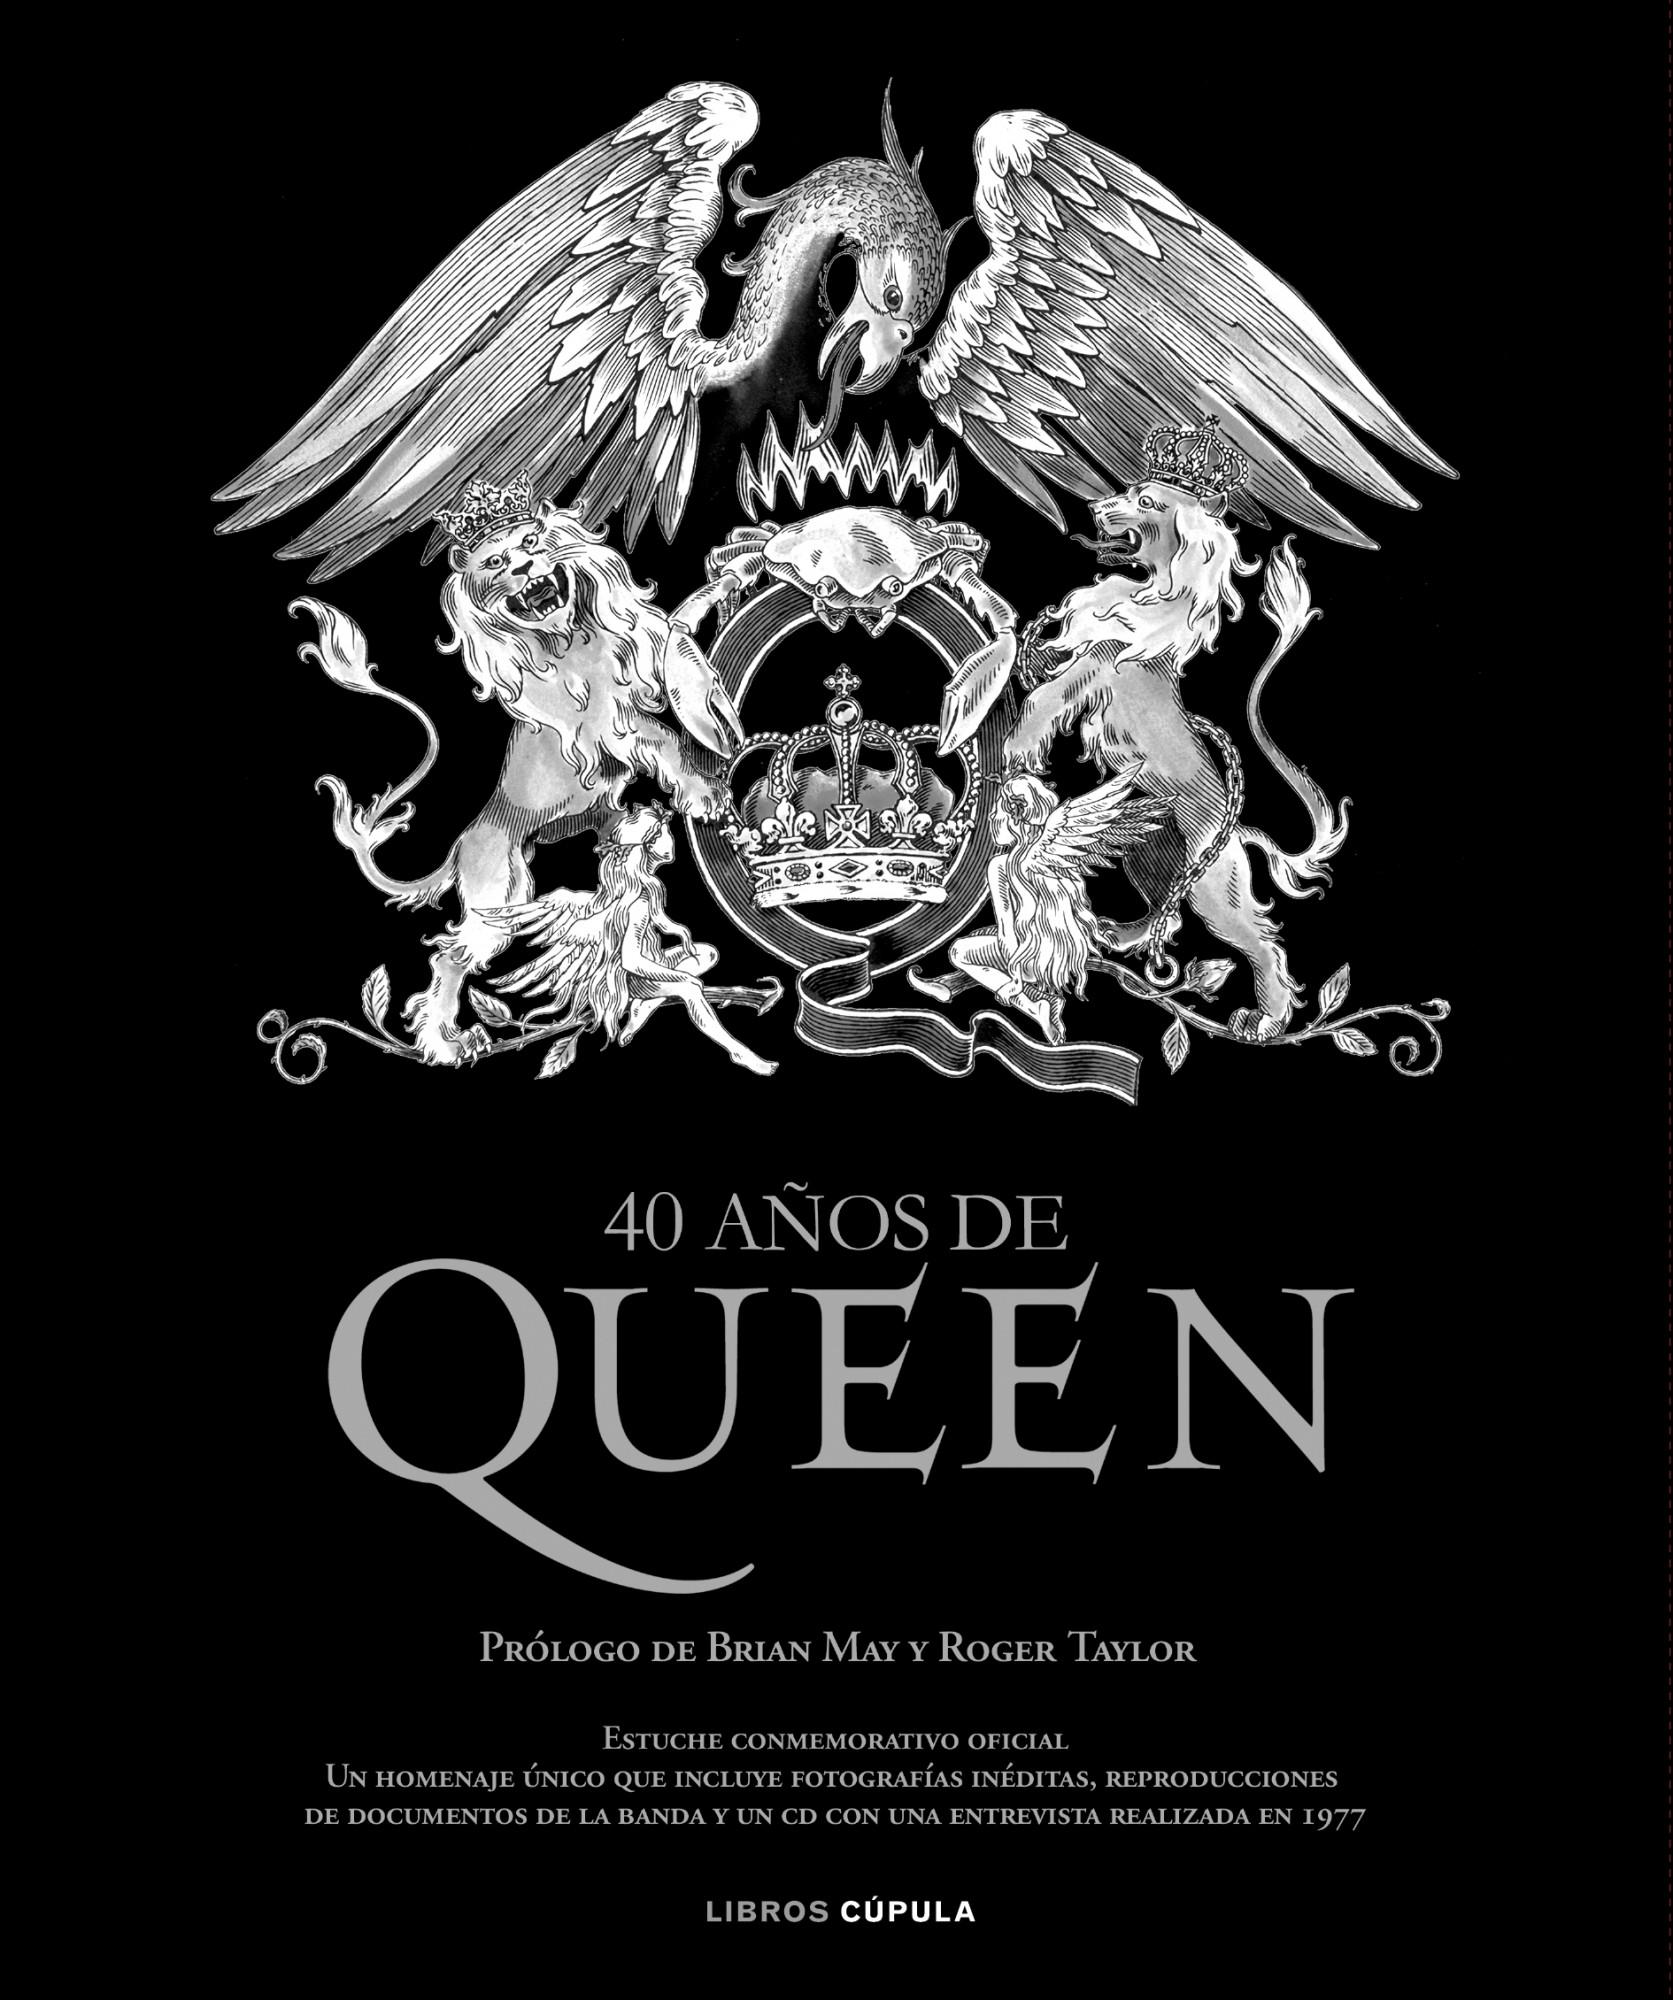 40 años de Queen